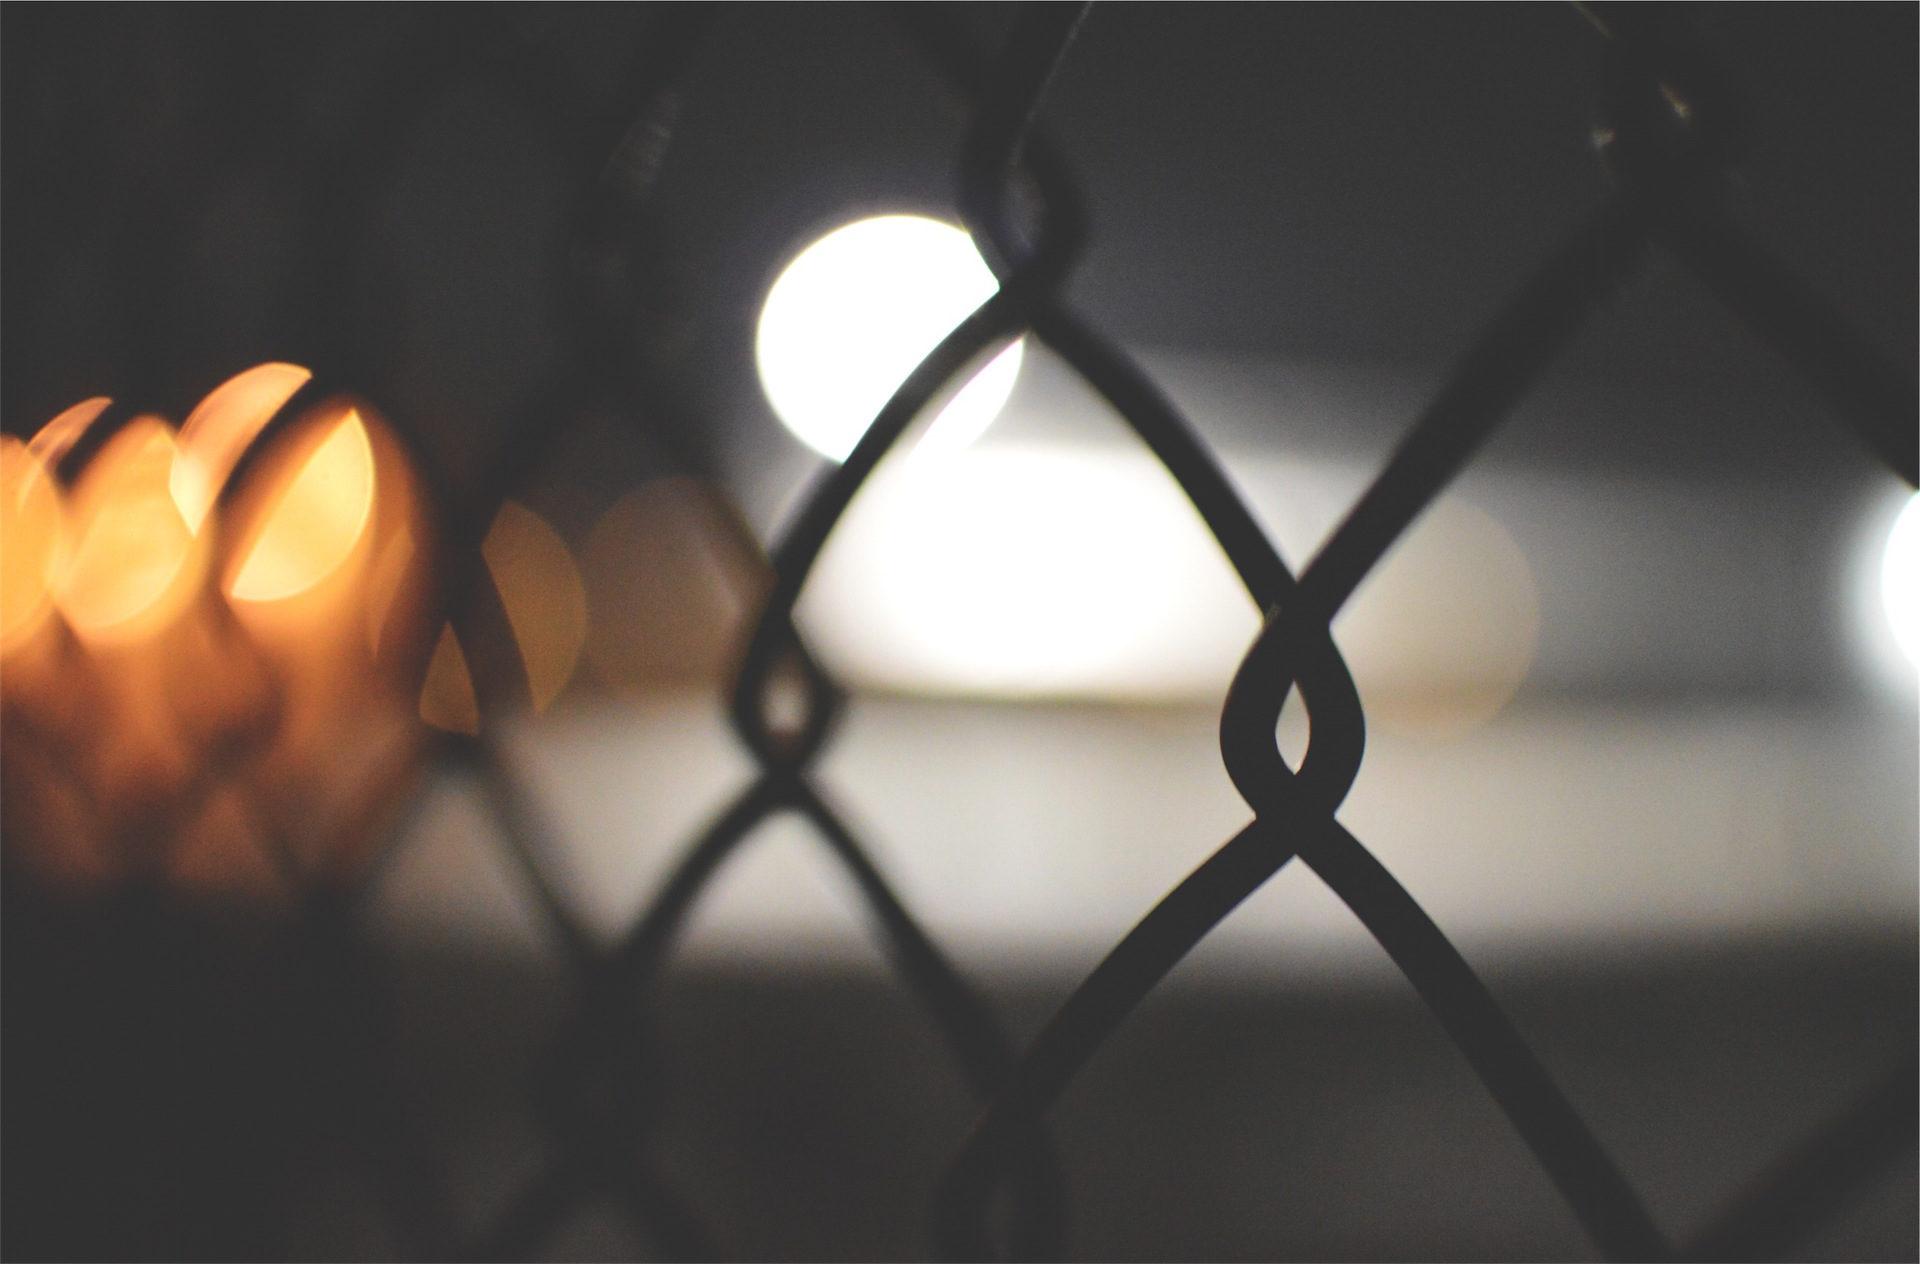 フェンス, alambrada, 金属, ライト, difuminado - HD の壁紙 - 教授-falken.com